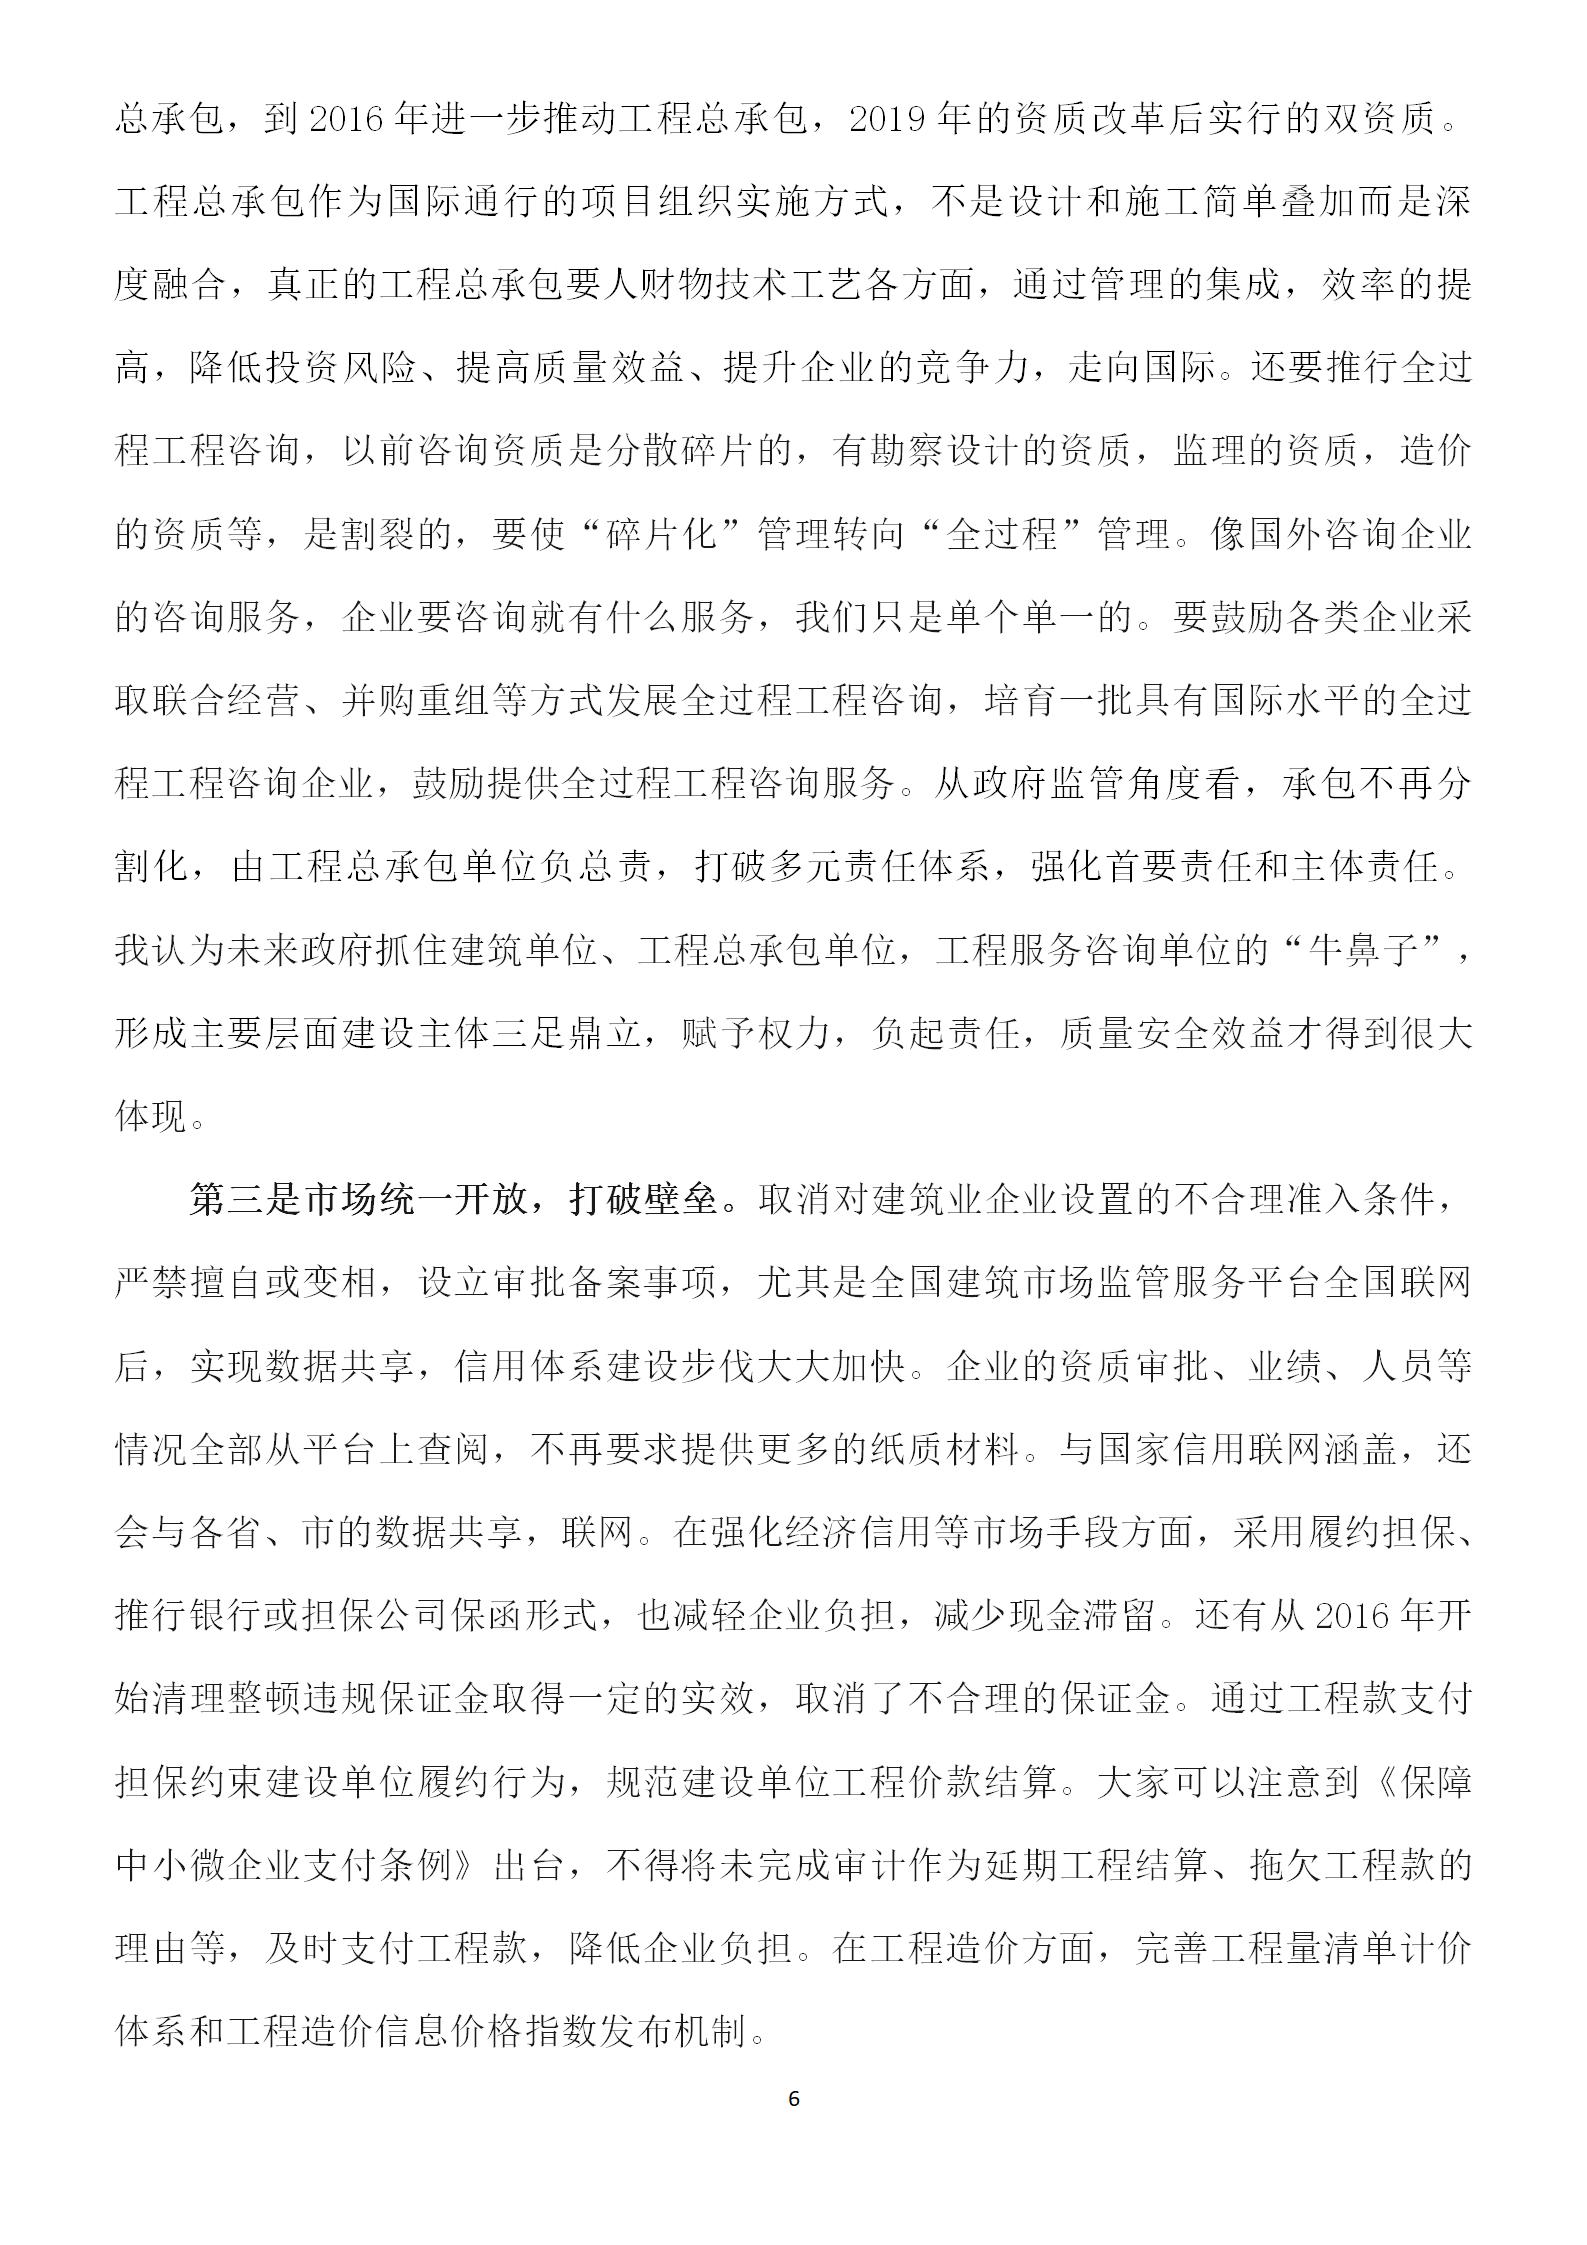 中建协副会长吴慧娟在河北省建筑业协会八届五次理事会上的讲话(1)_06.png